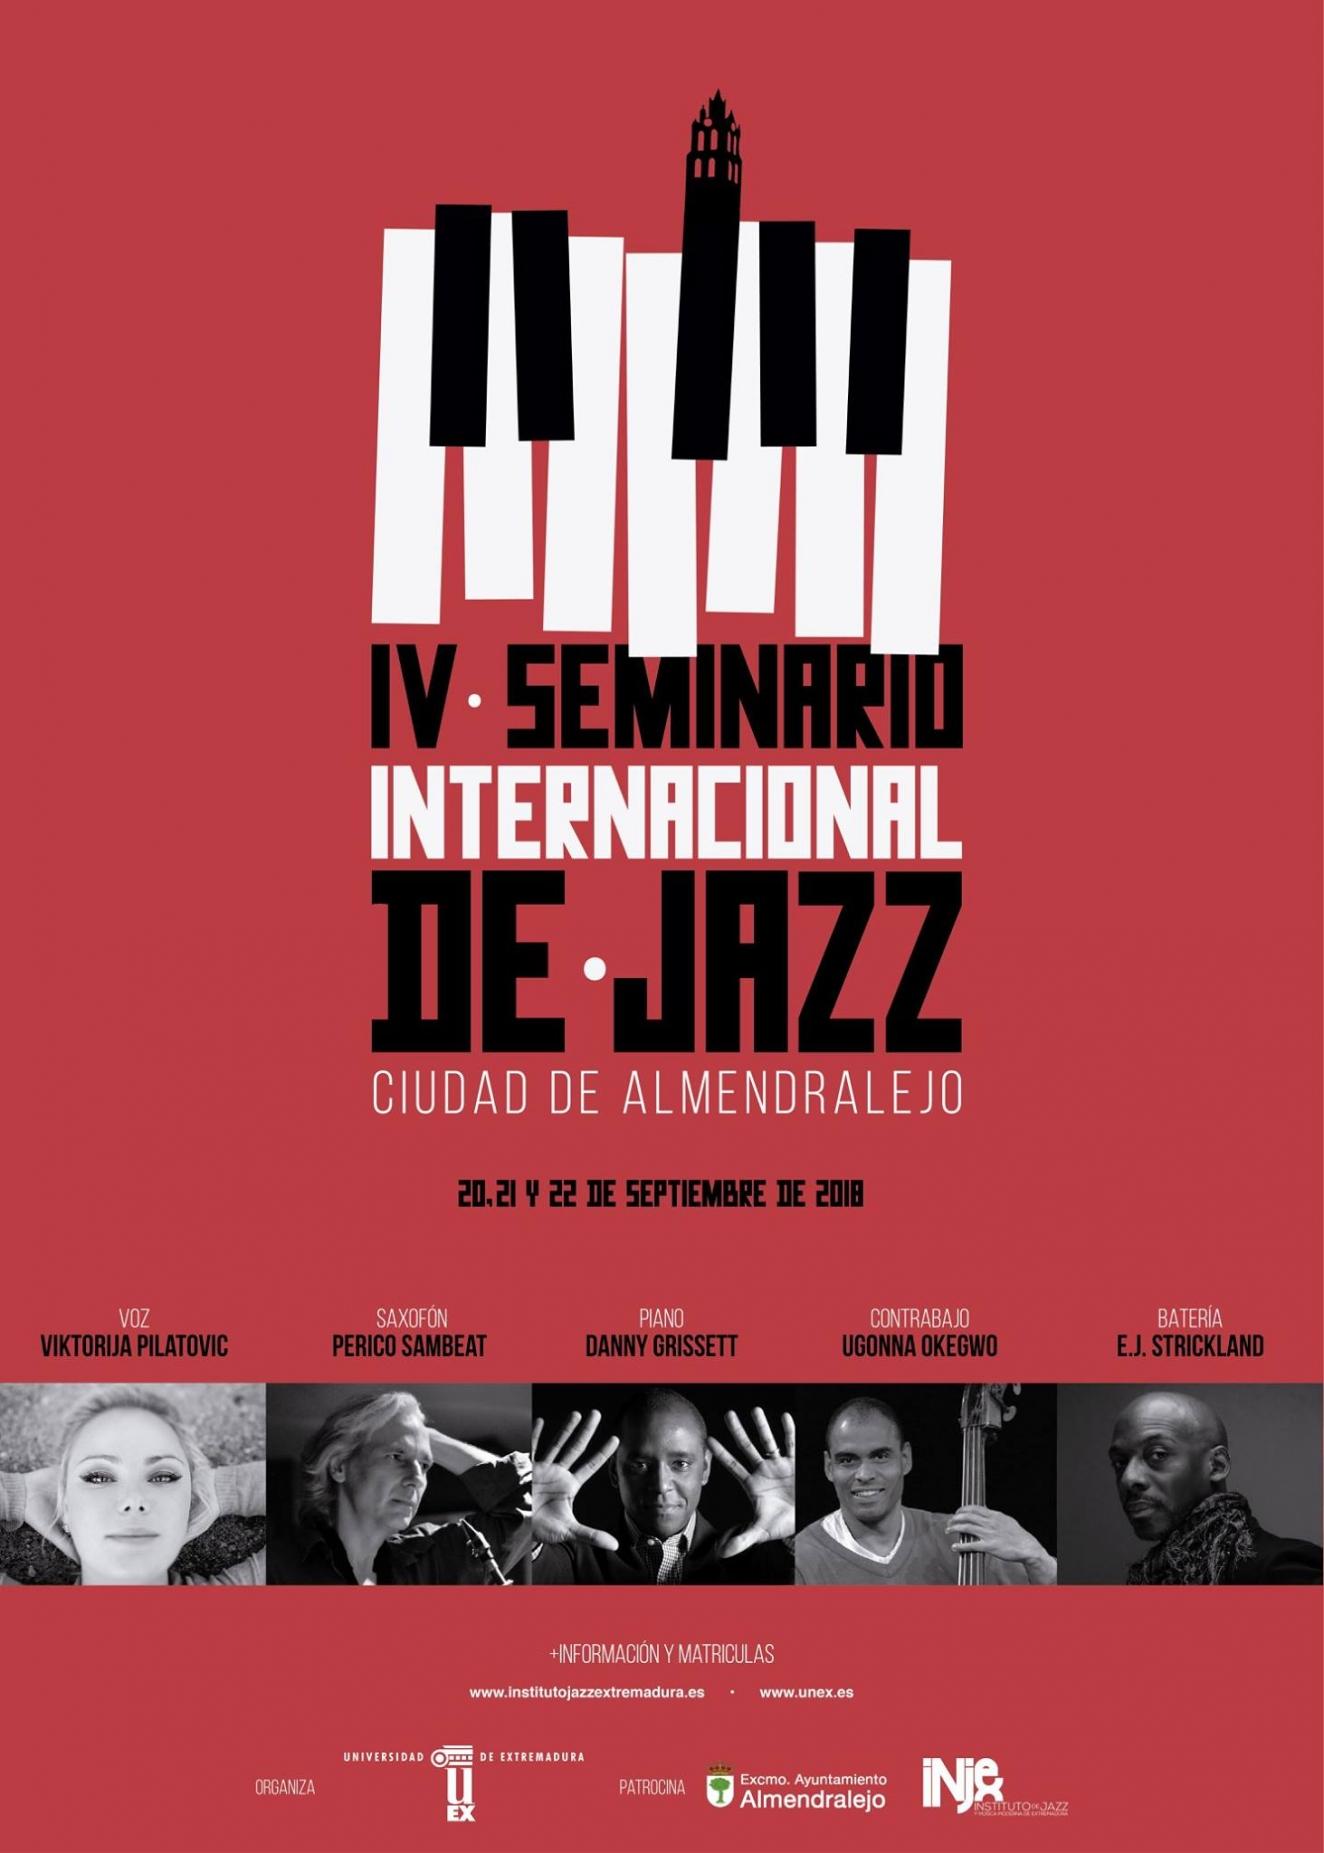 IV Seminario Internacional de Jazz 'Ciudad de Almendralejo'